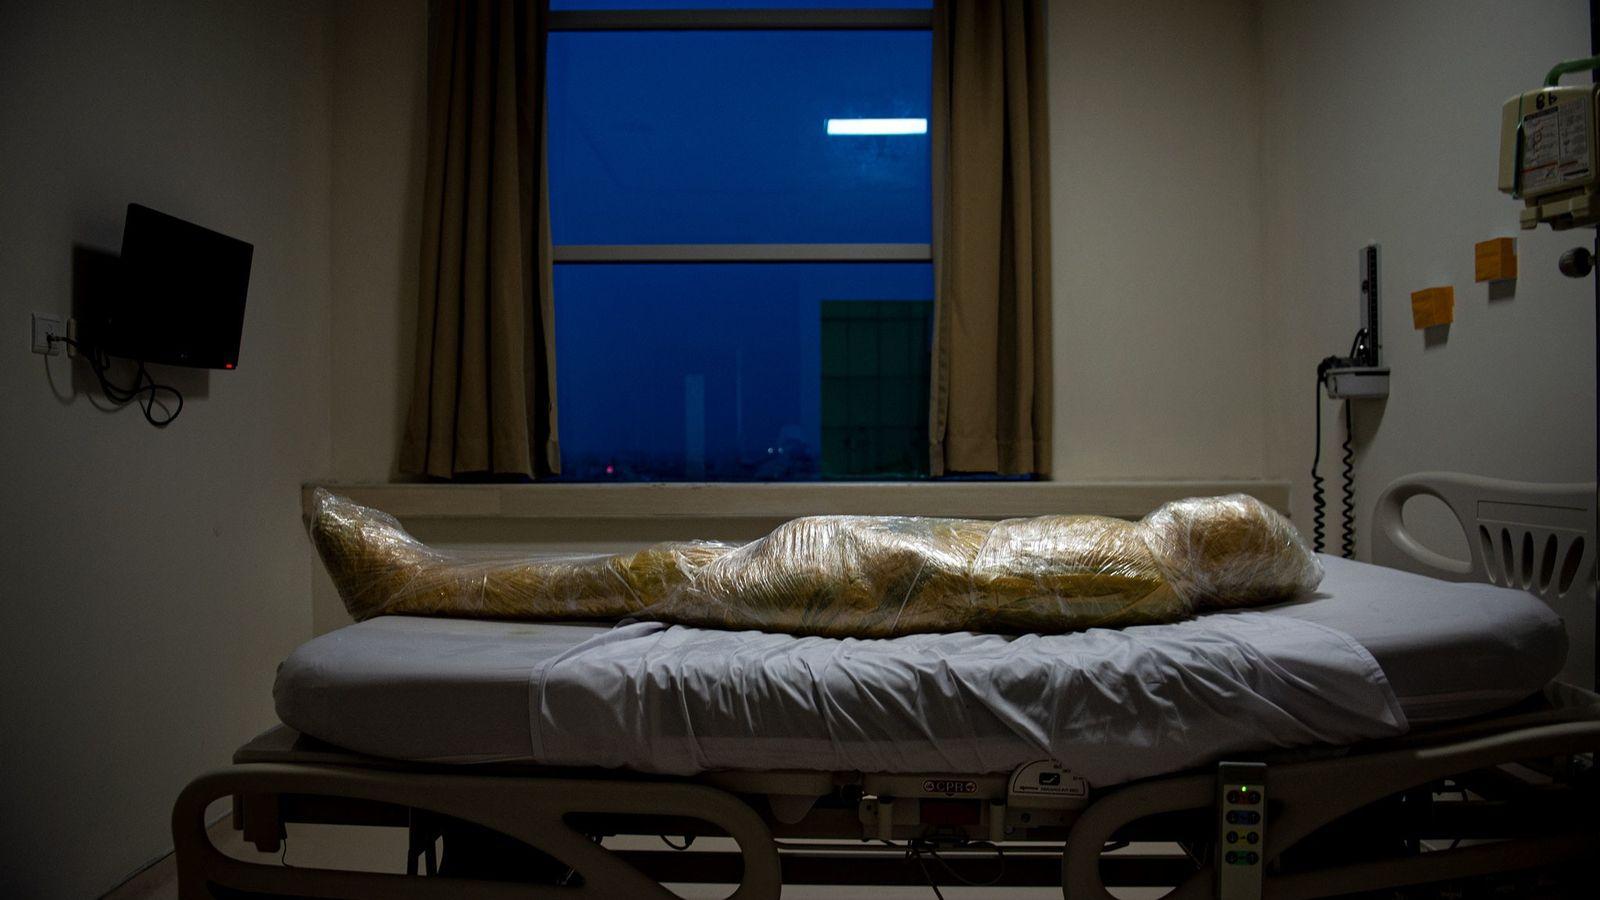 Corpo de uma suposta vítima da covid-19 em um hospital indonésio. Após a morte do paciente, ...